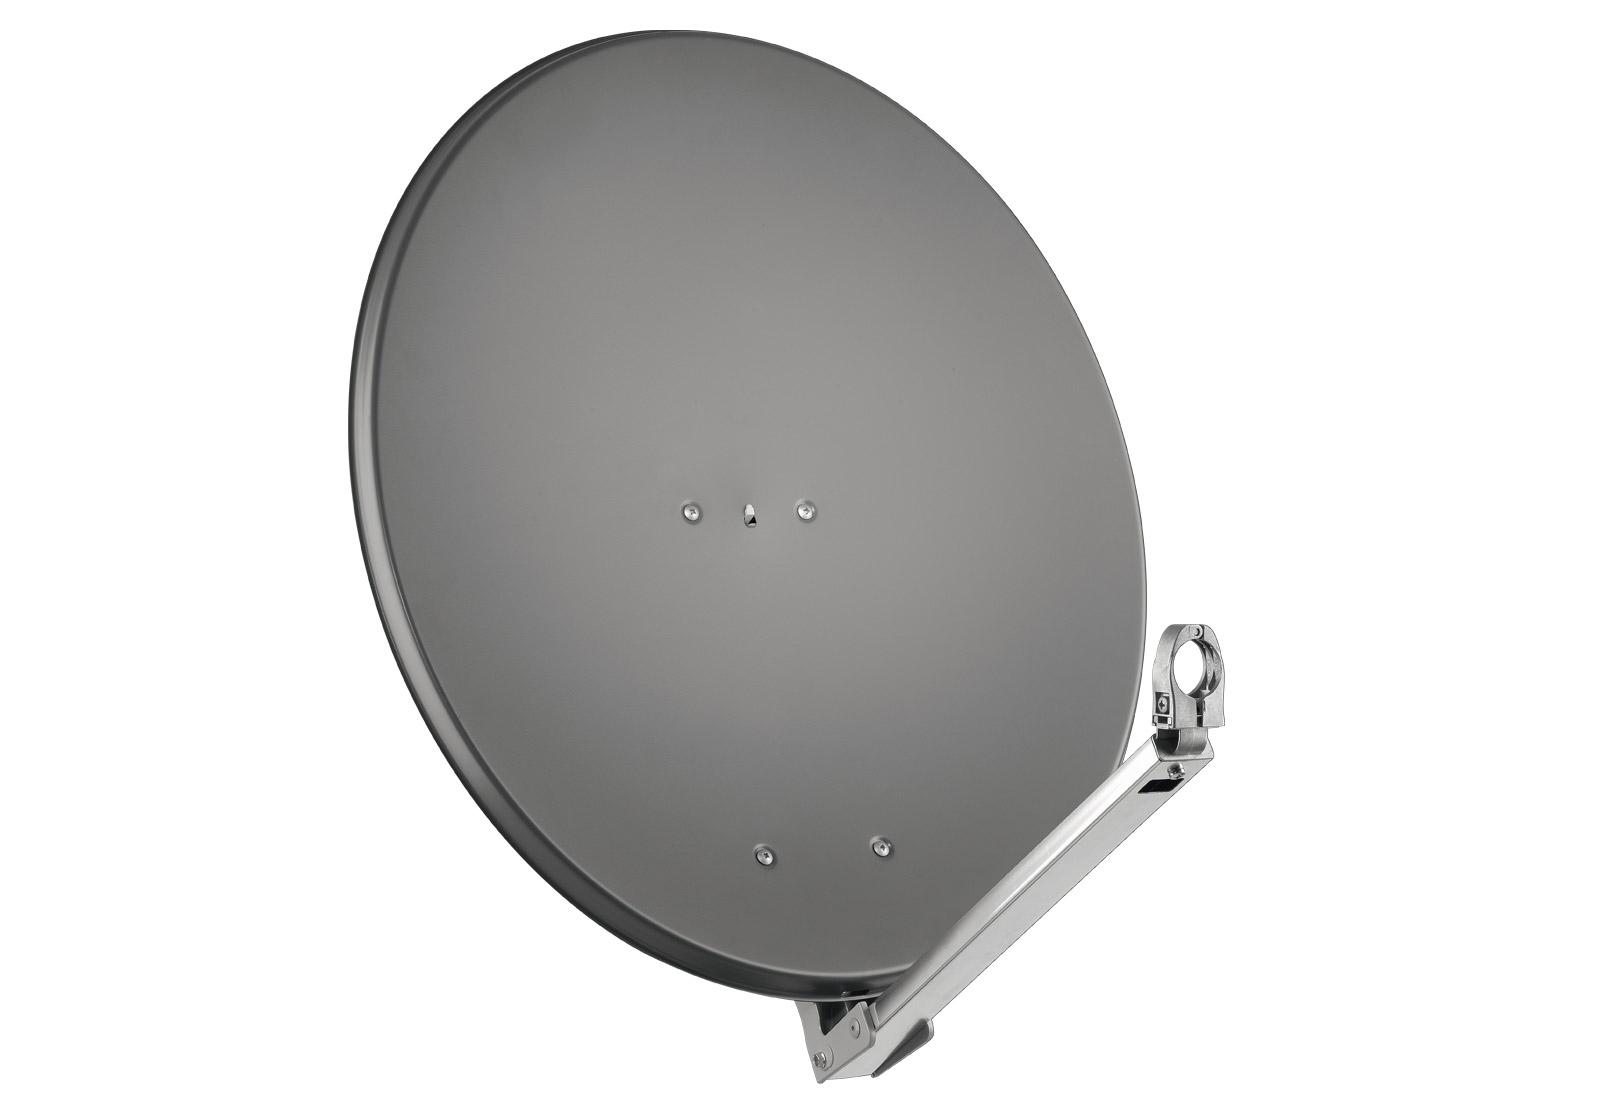 Antenne satellitari: parabole ed LNB